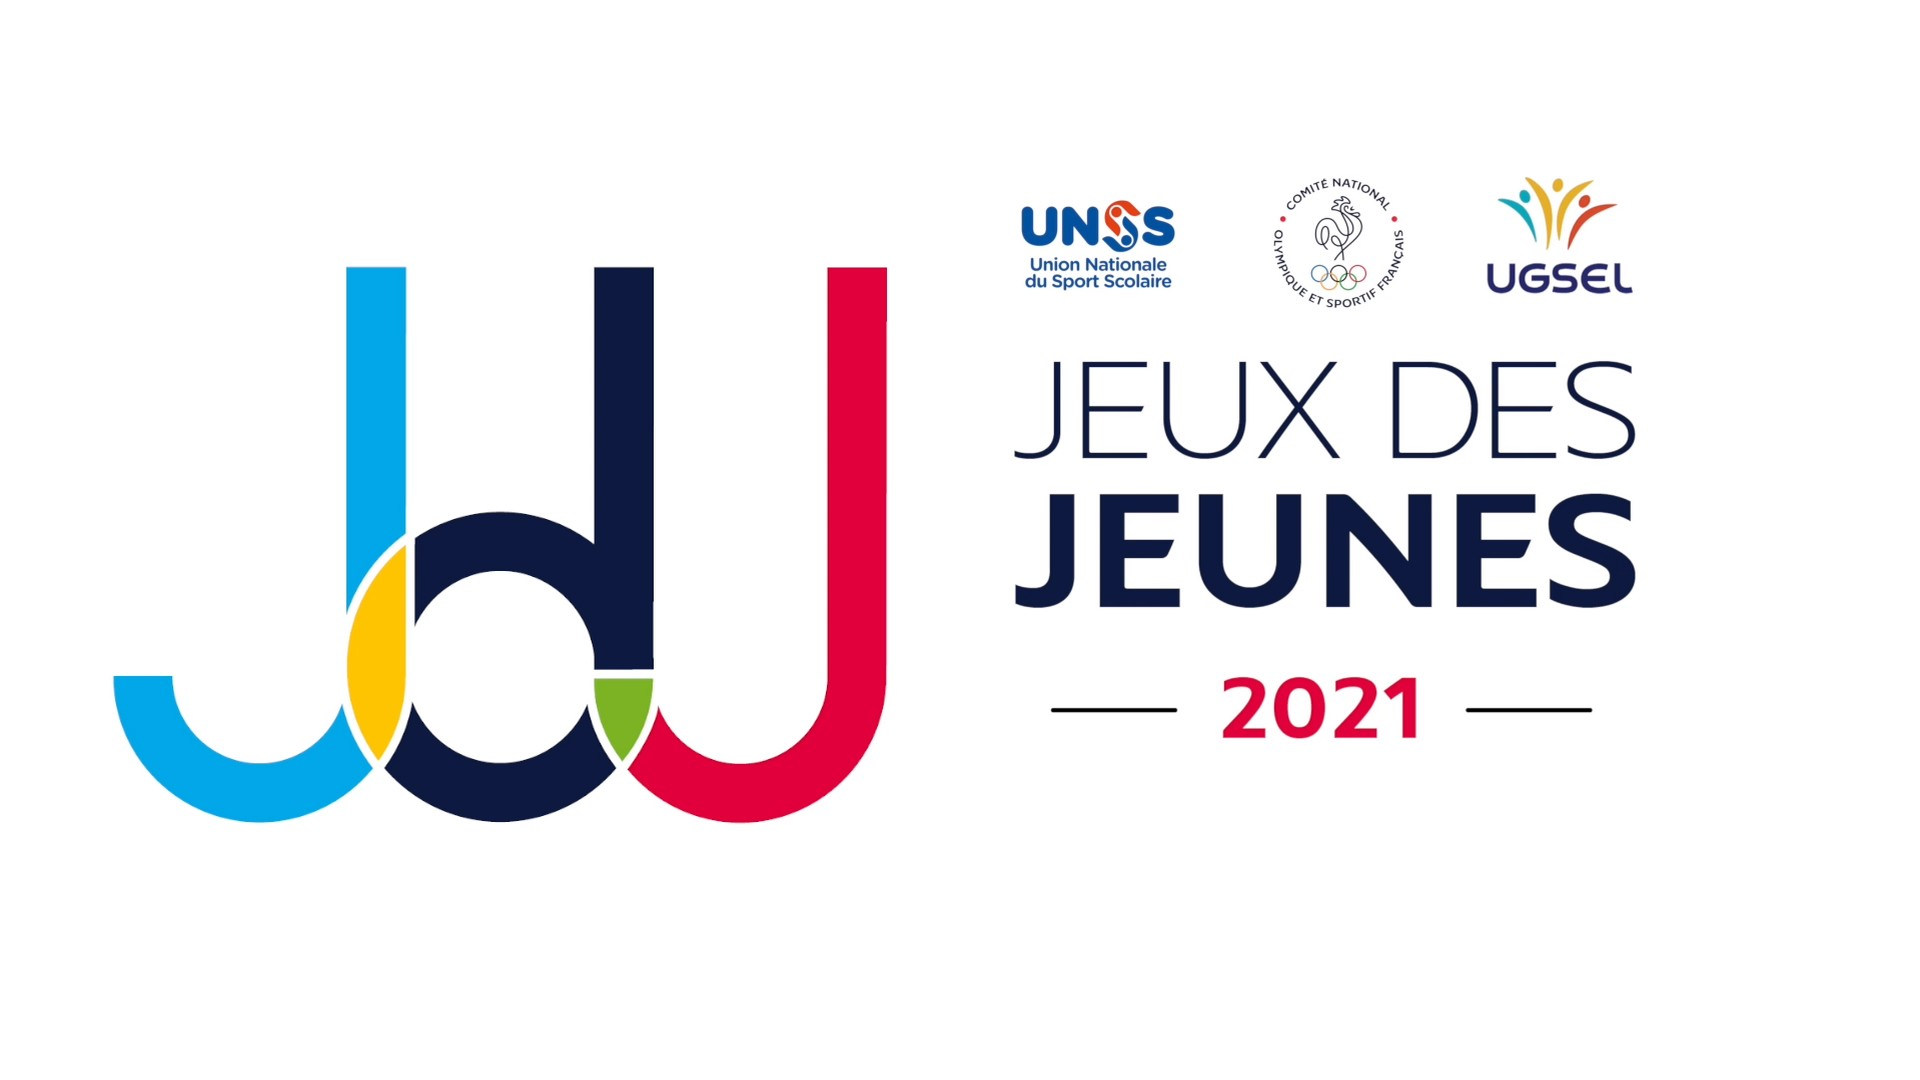 Jeux des Jeunes (1) logo